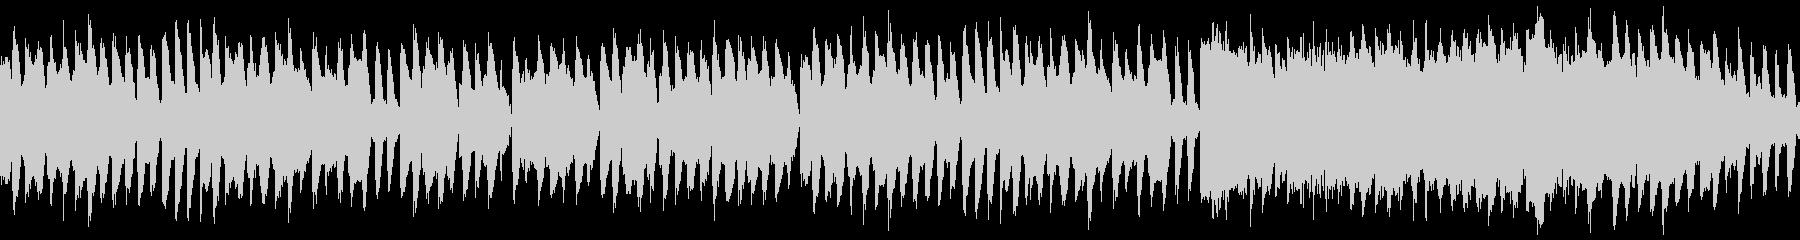 【便利】 木管楽器B おだやか 【定番】の未再生の波形